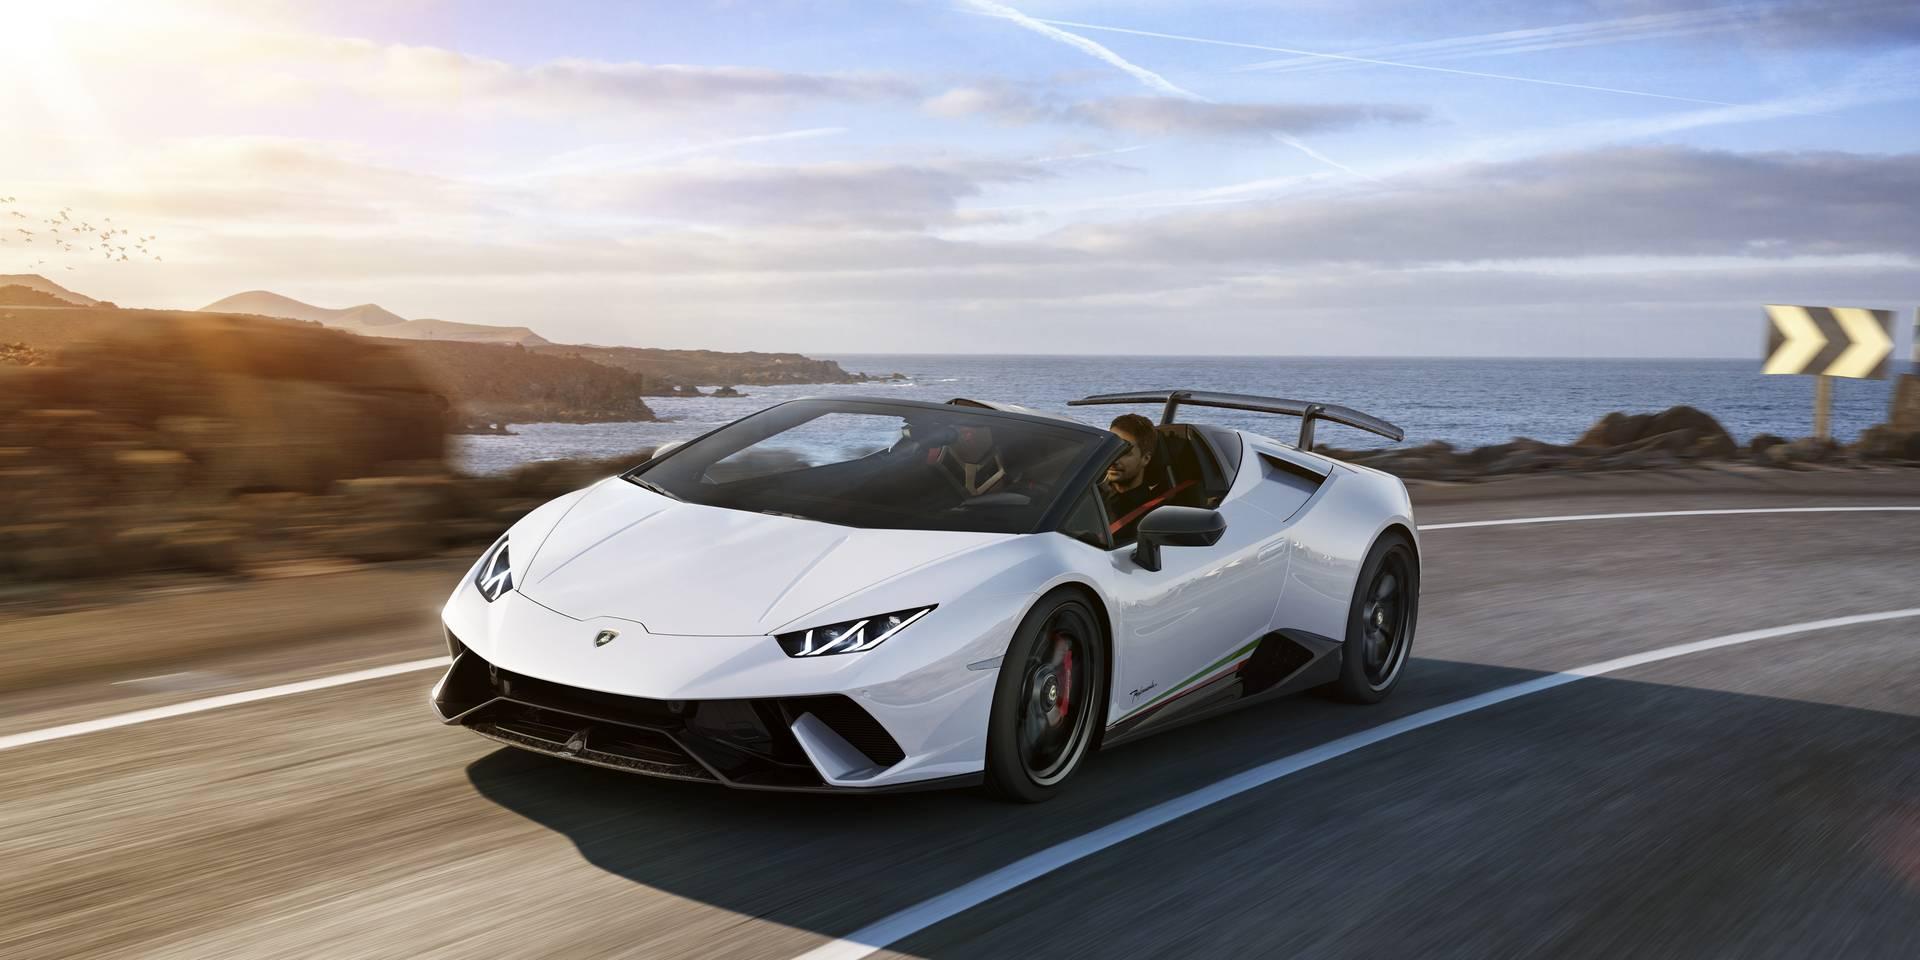 Ya puedes comprar un Lamborghini usado garantizado directamente desde la propia compañía